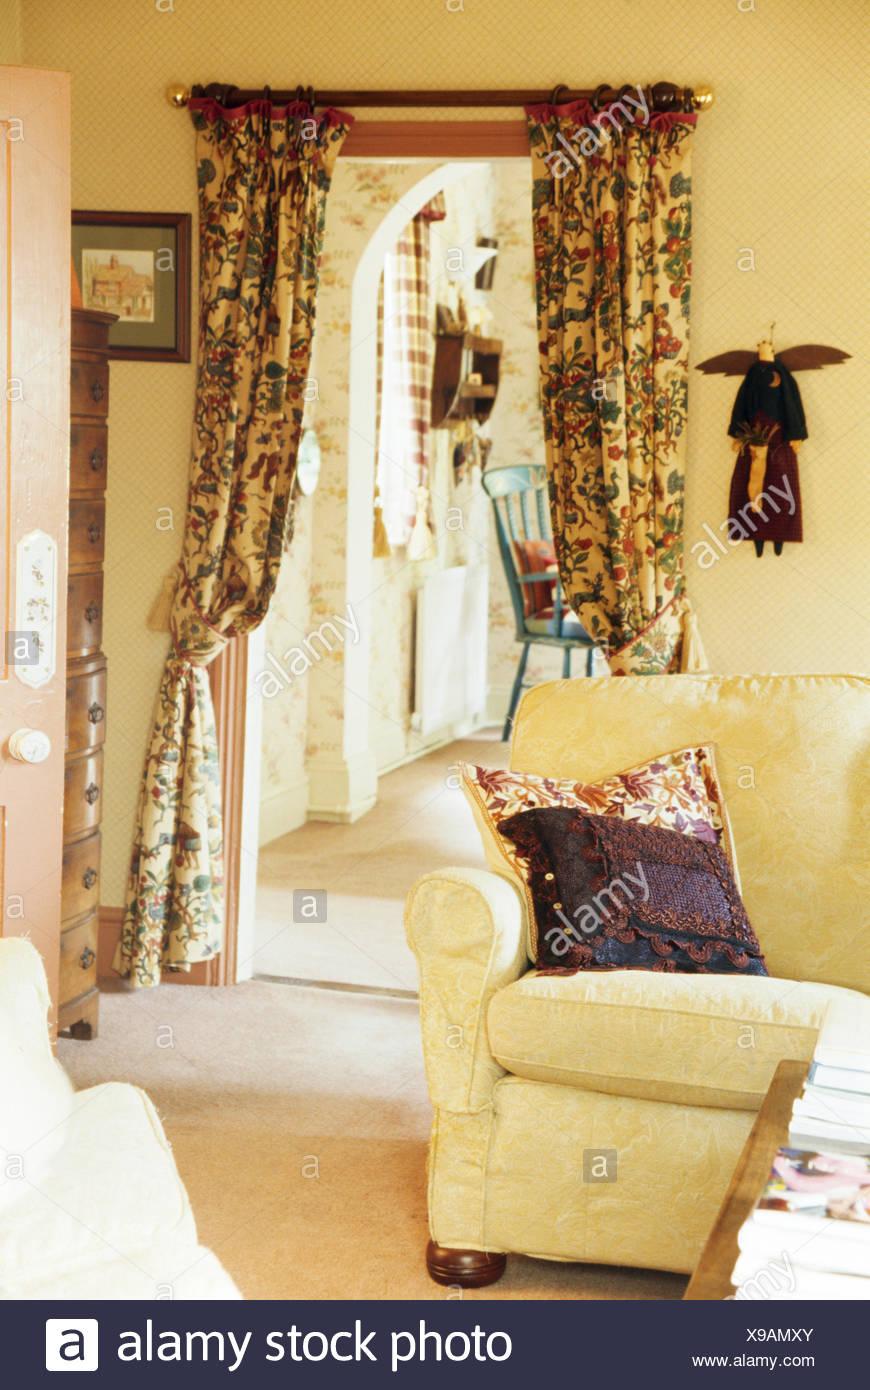 Perfekt Im Ferienhaus Wohnzimmer Mit Gemusterten Vorhänge Am Eingang Zum Kleinen  Saal Sahne Sofa